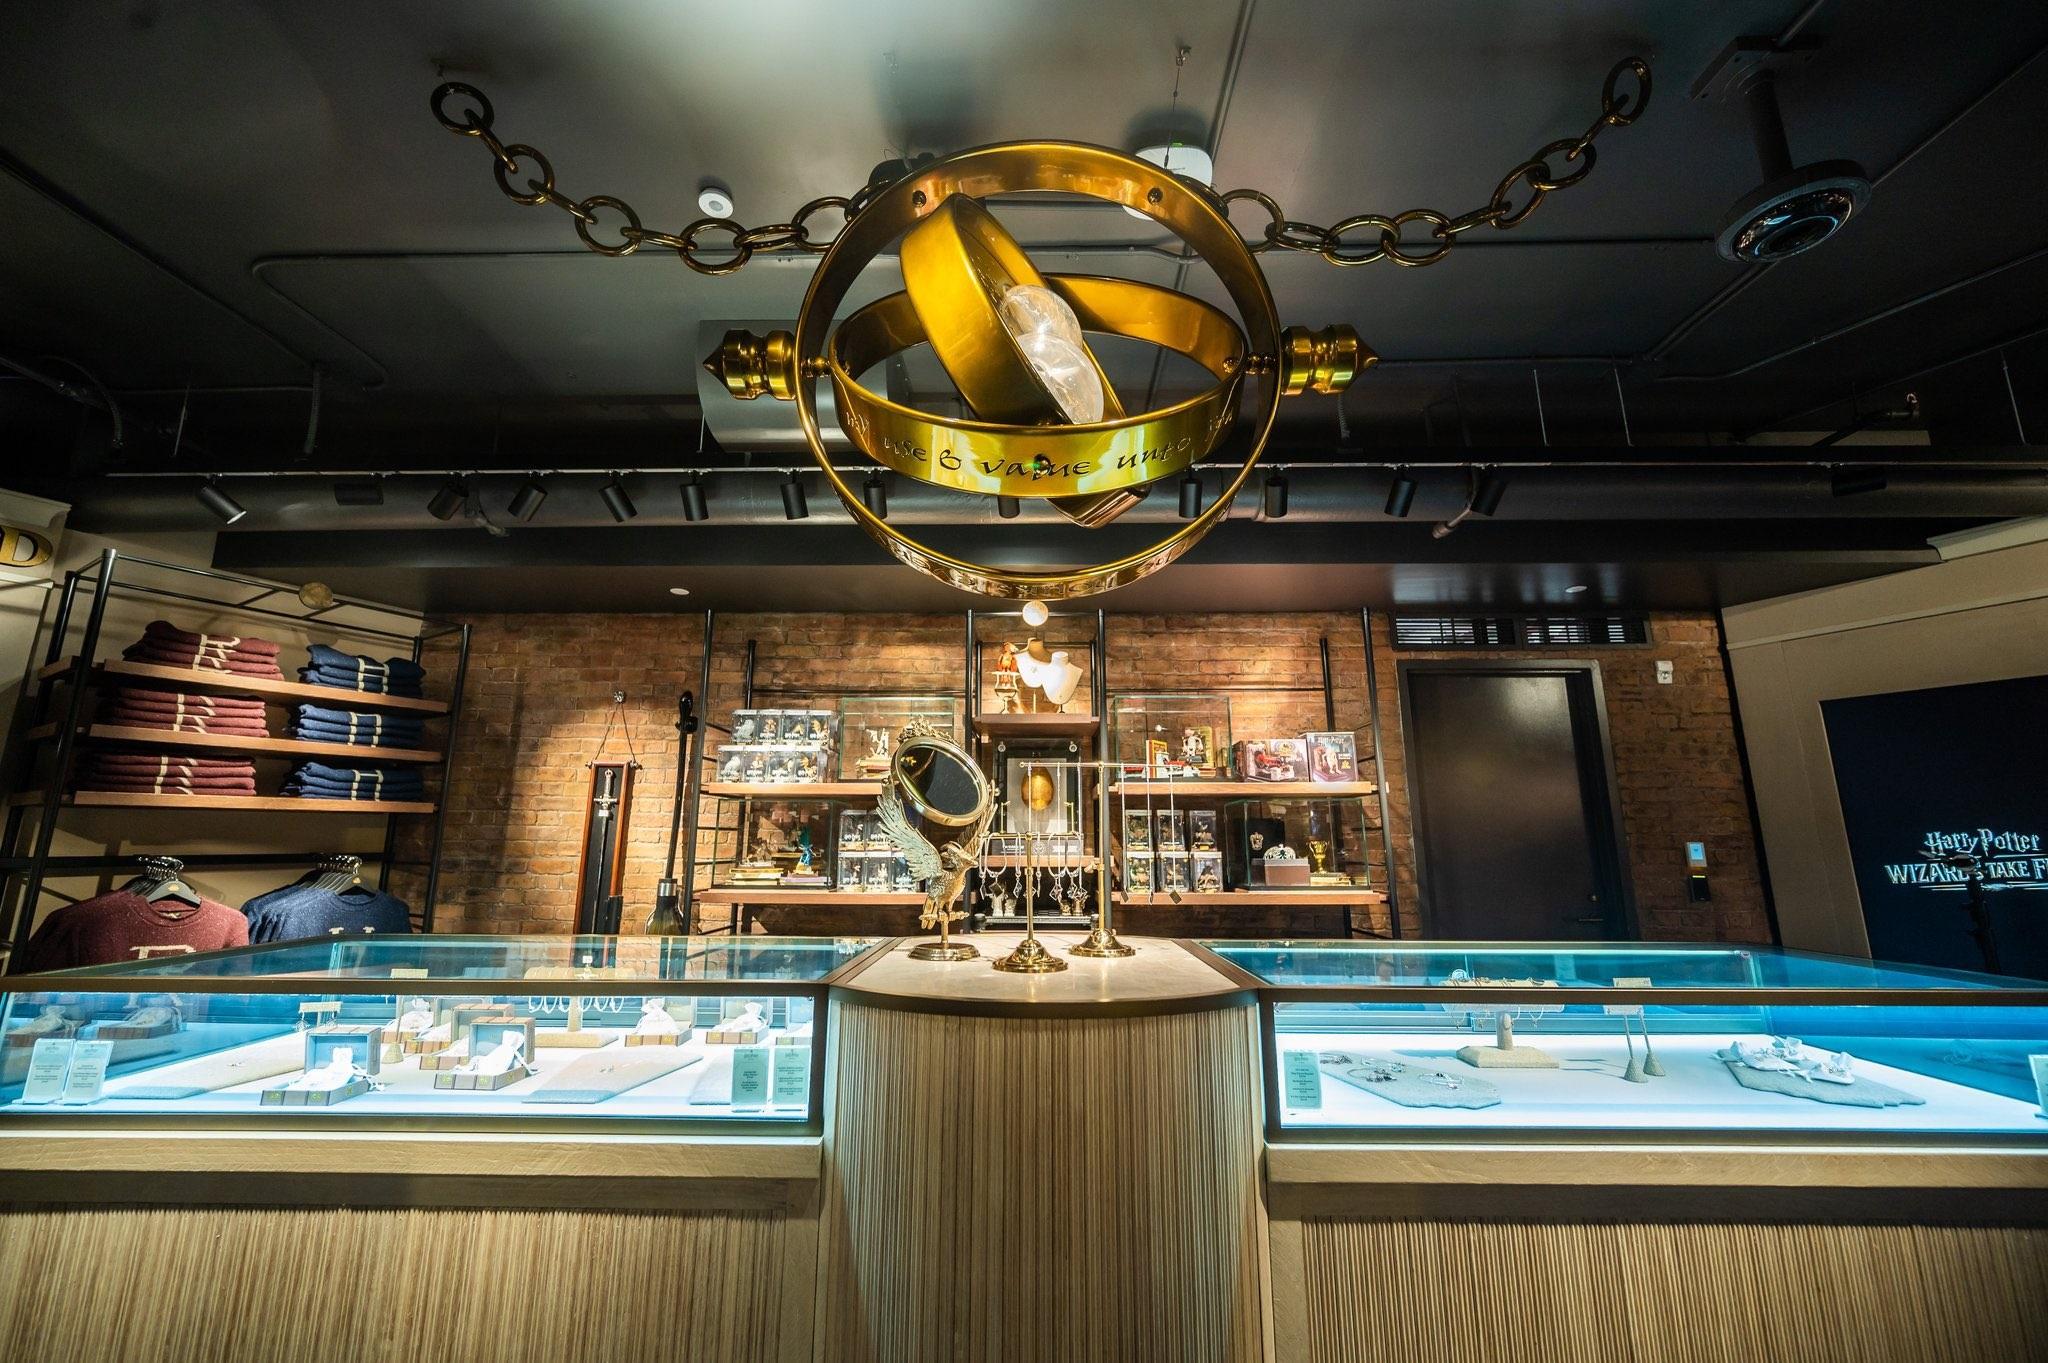 Megaloja de Harry Potter é inaugurada em Nova York; veja fotos